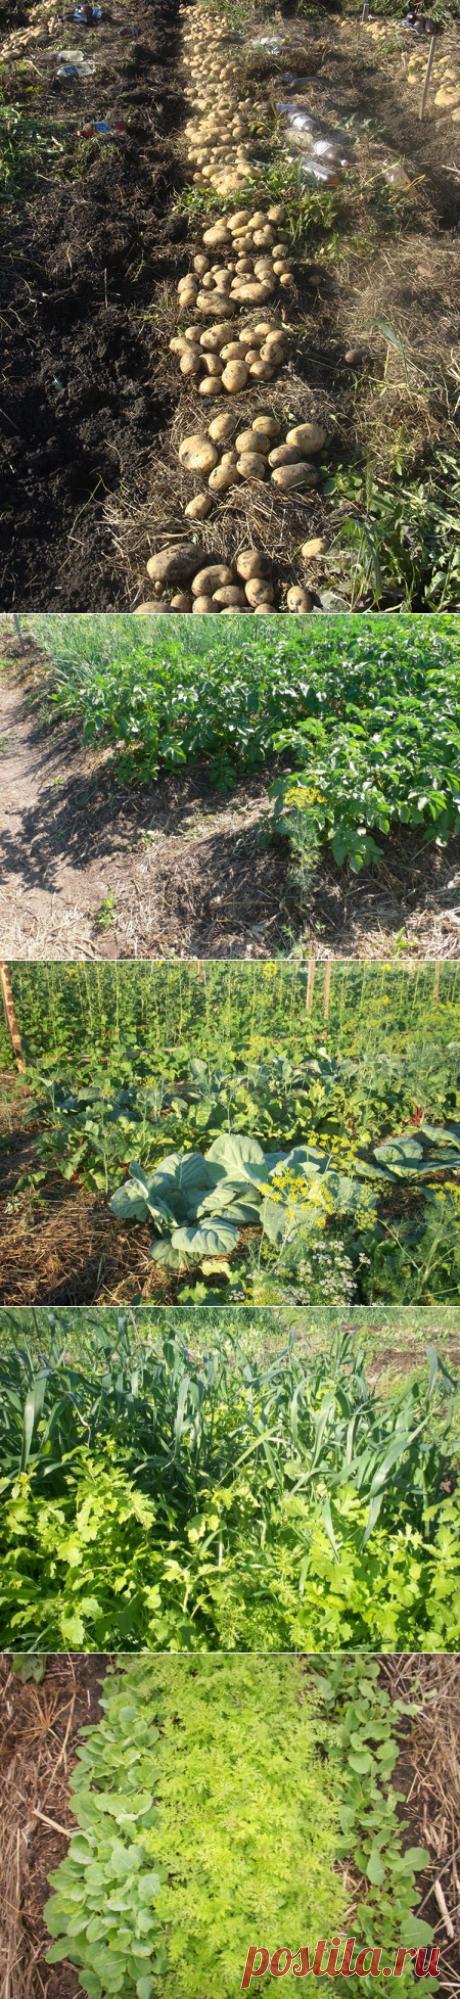 Способ возделывания картофеля на одном поле — 6 соток